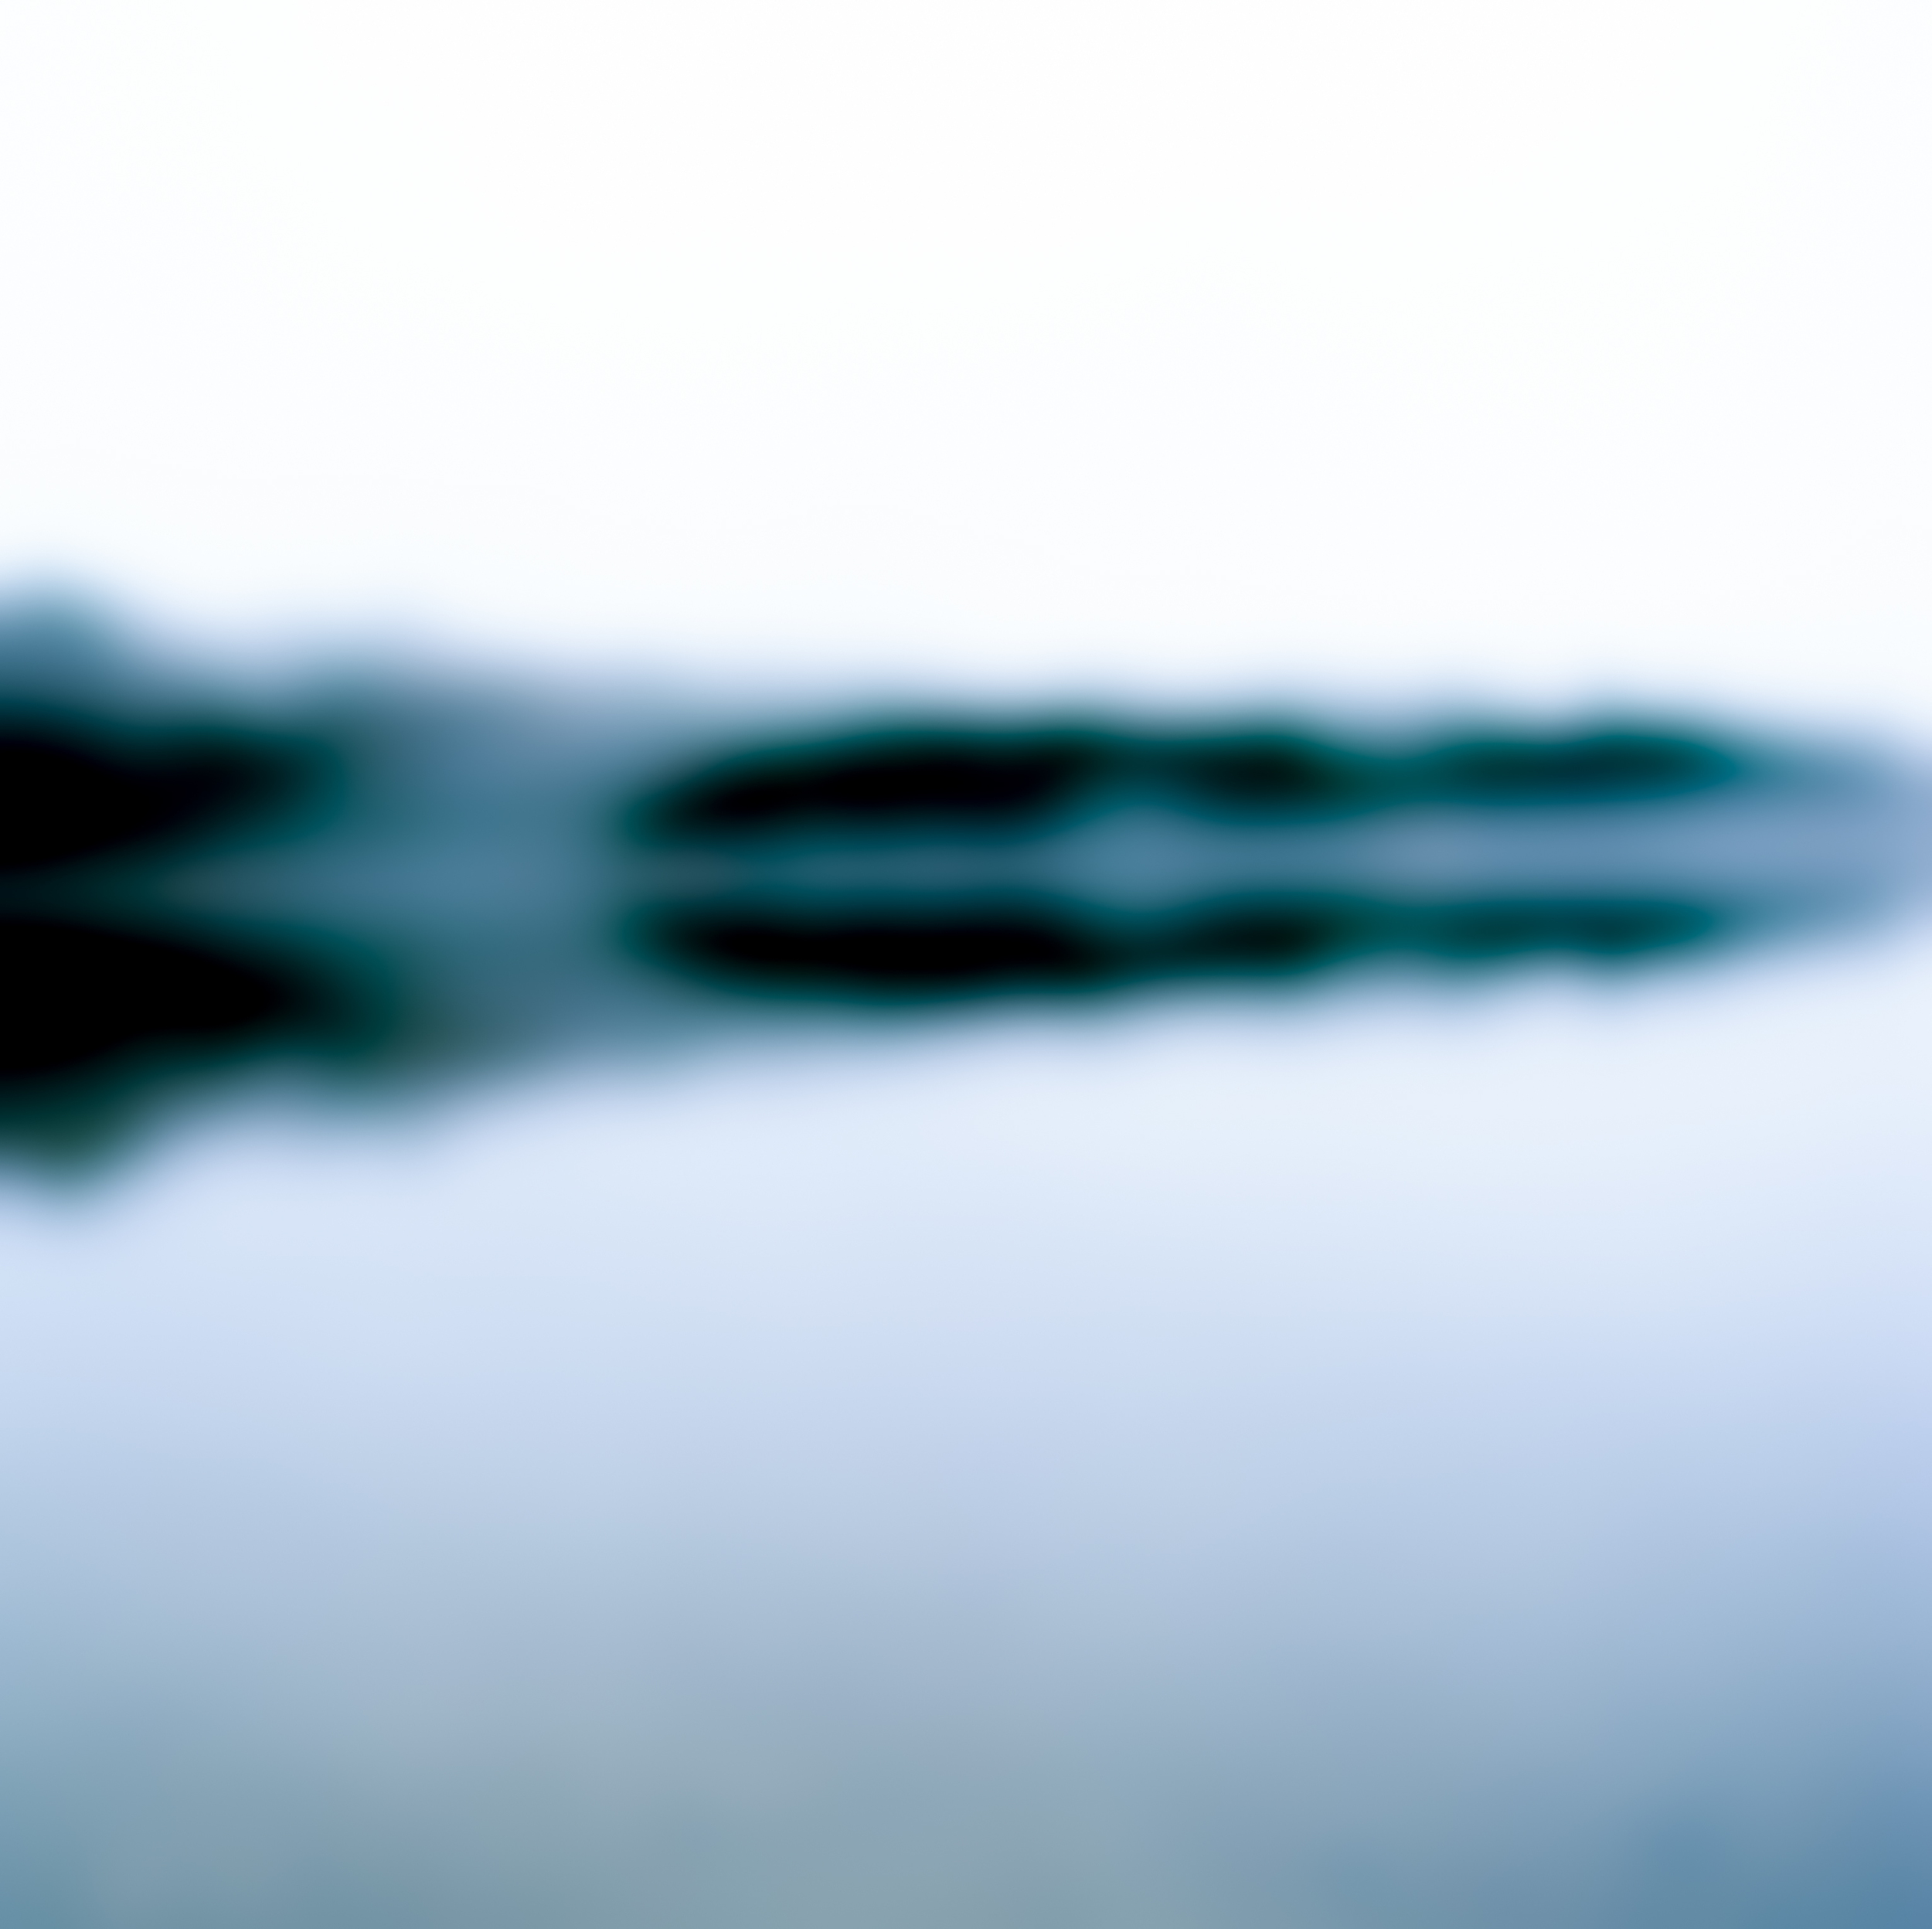 I_0856-Edit.jpg